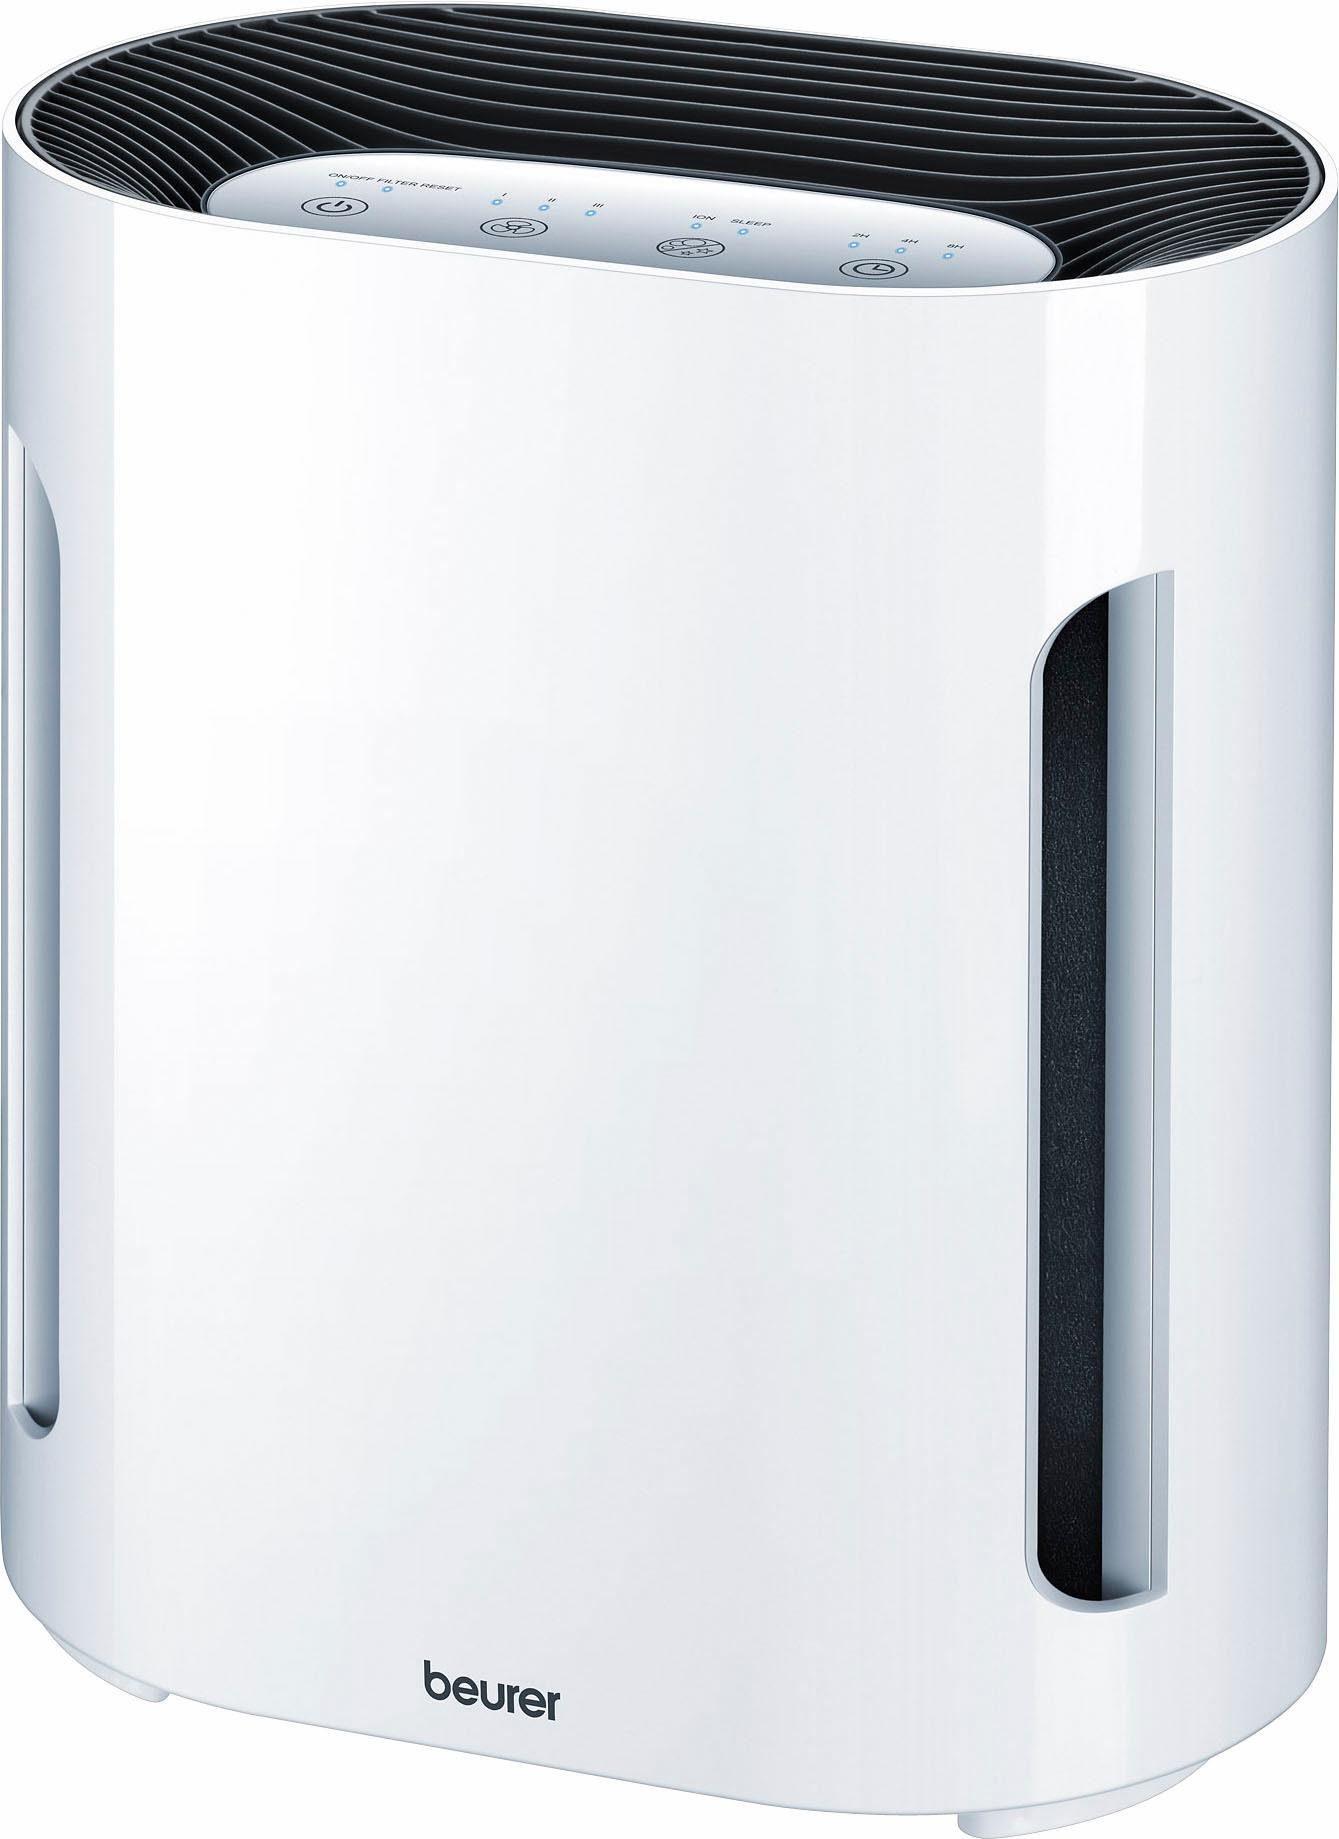 Beurer Luftreiniger LR 200, Luftreinigung duch dreischichtiges Filtersystem